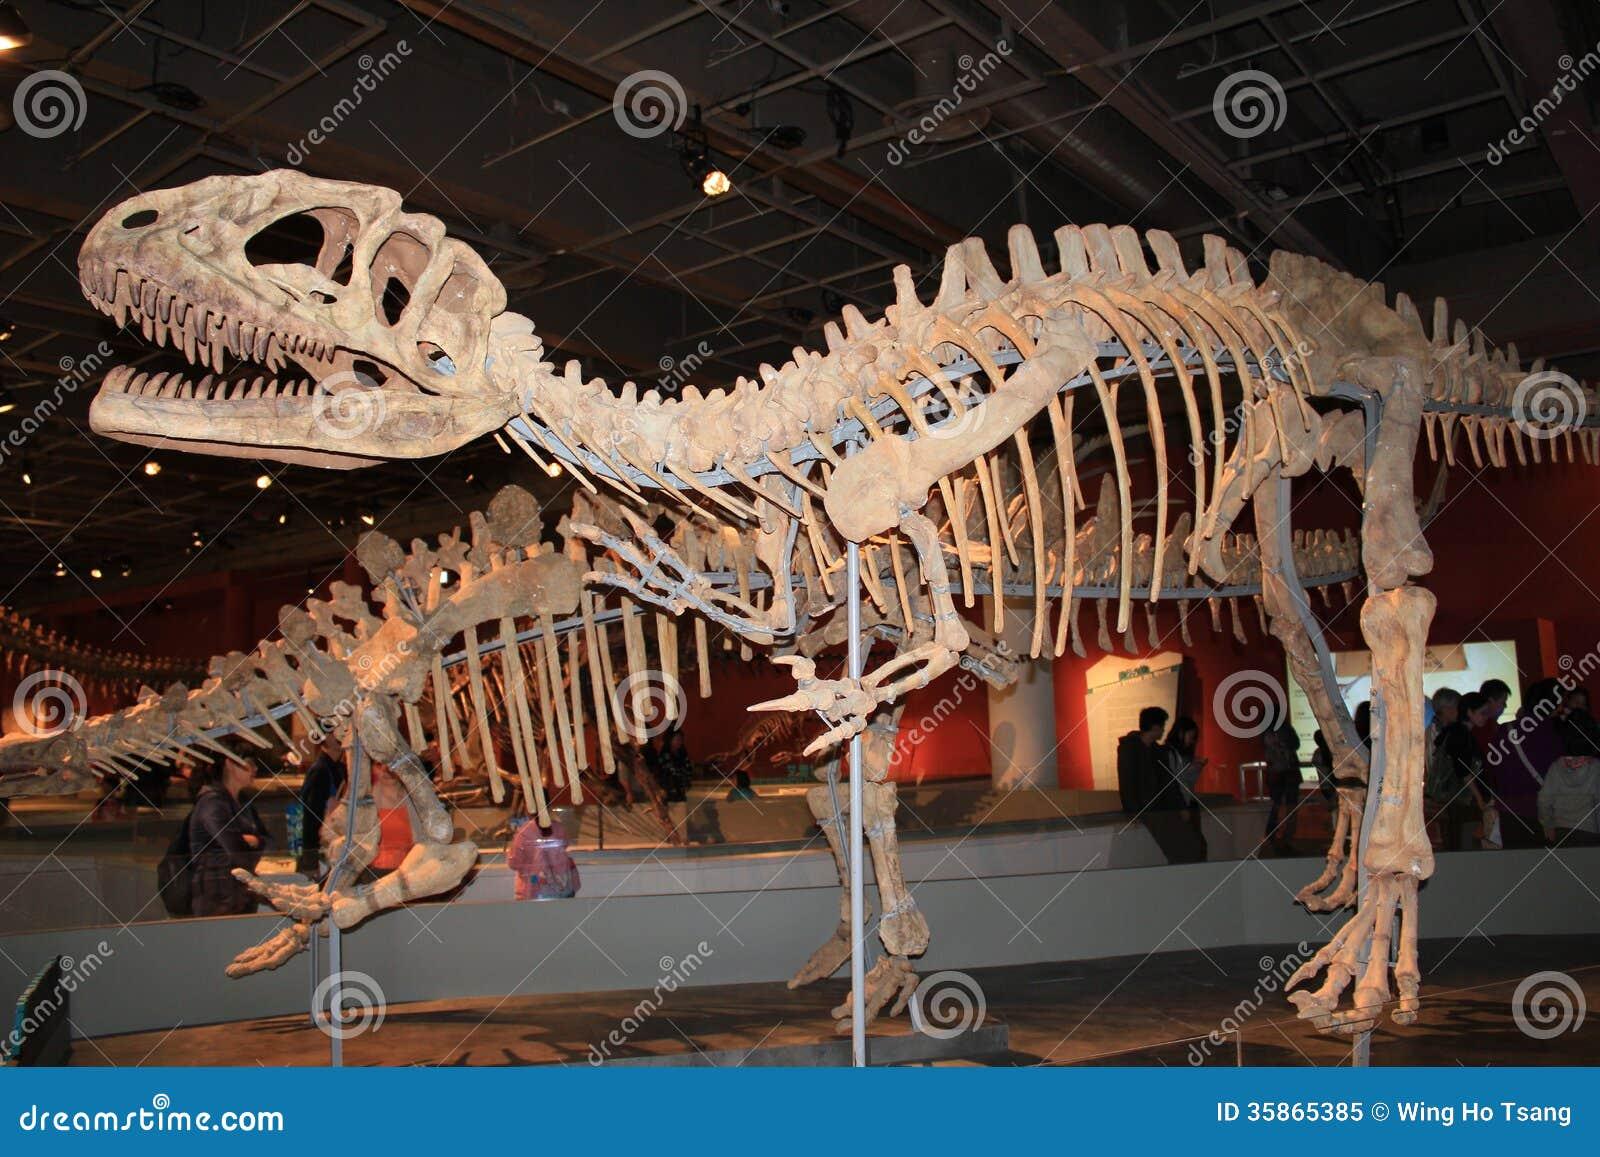 Leggende della mostra gigante dei dinosauri in Hong Kong